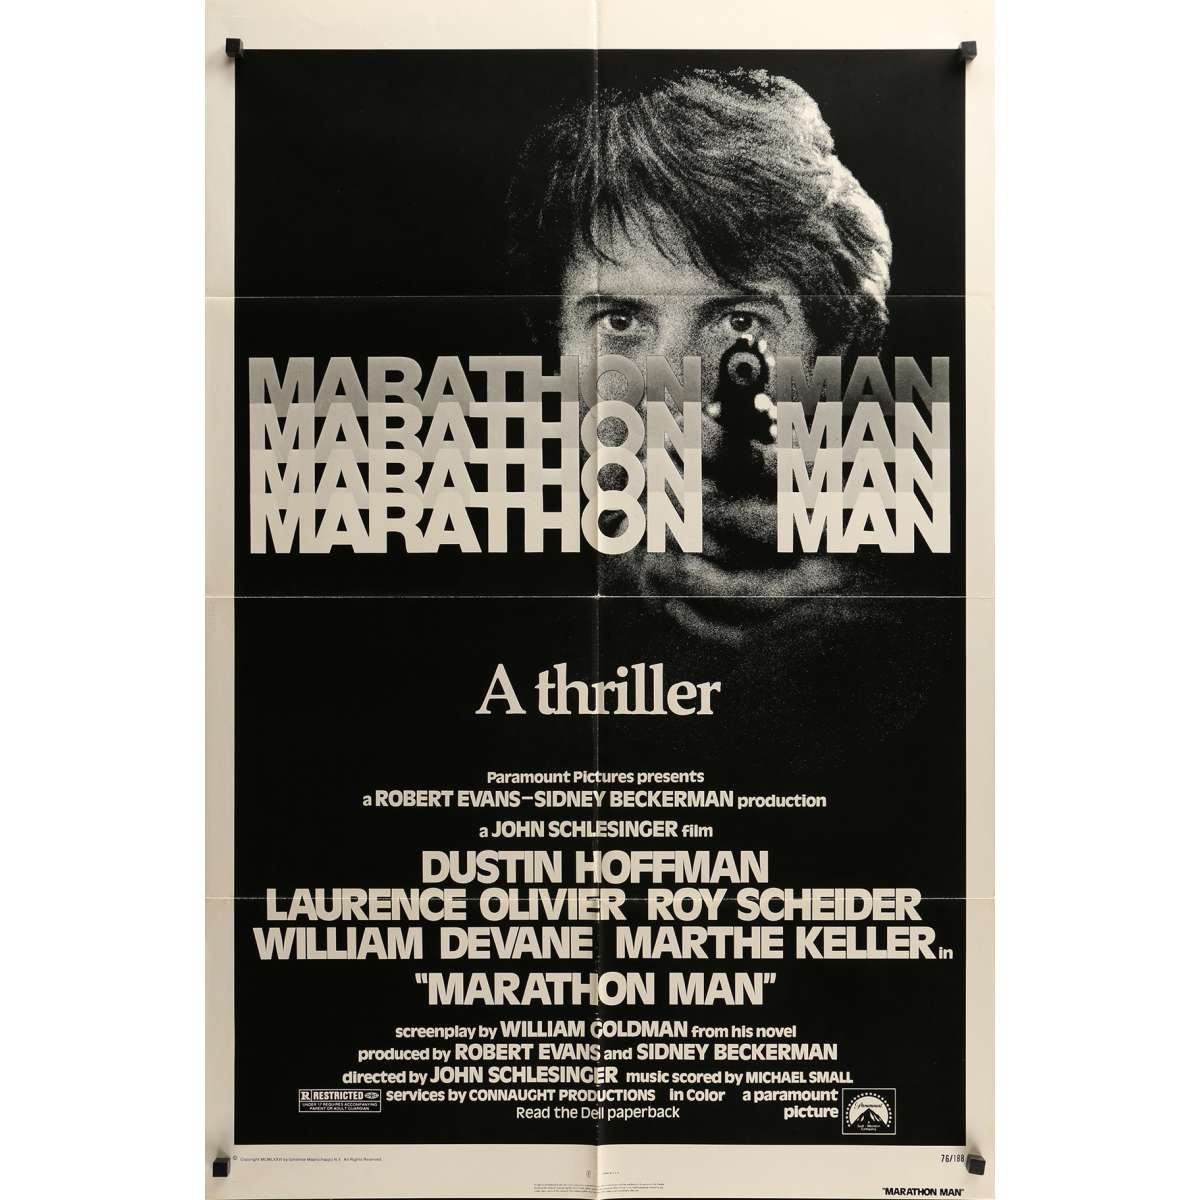 Marathon man movie poster 29x41 in marathon man movie poster 29x41 in 1976 john schlesinger dustin hoffman thecheapjerseys Images